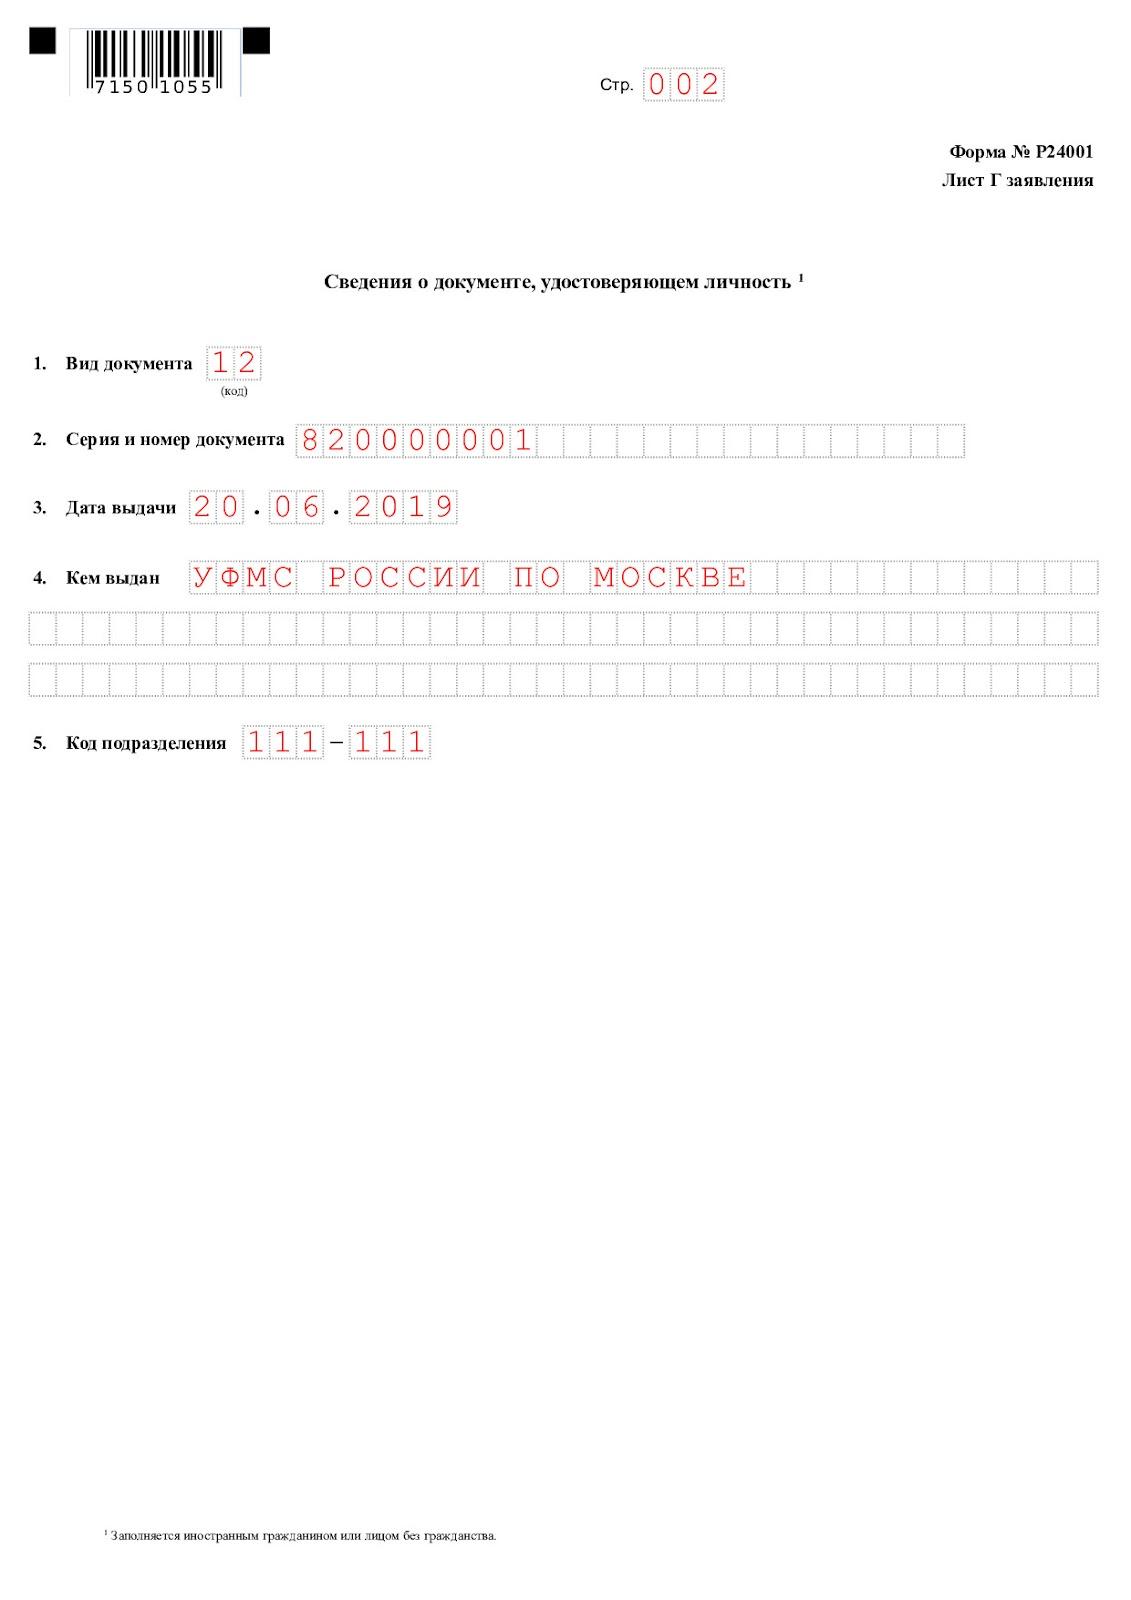 Форма Р24001 - внесение изменений в сведение об ИП 5